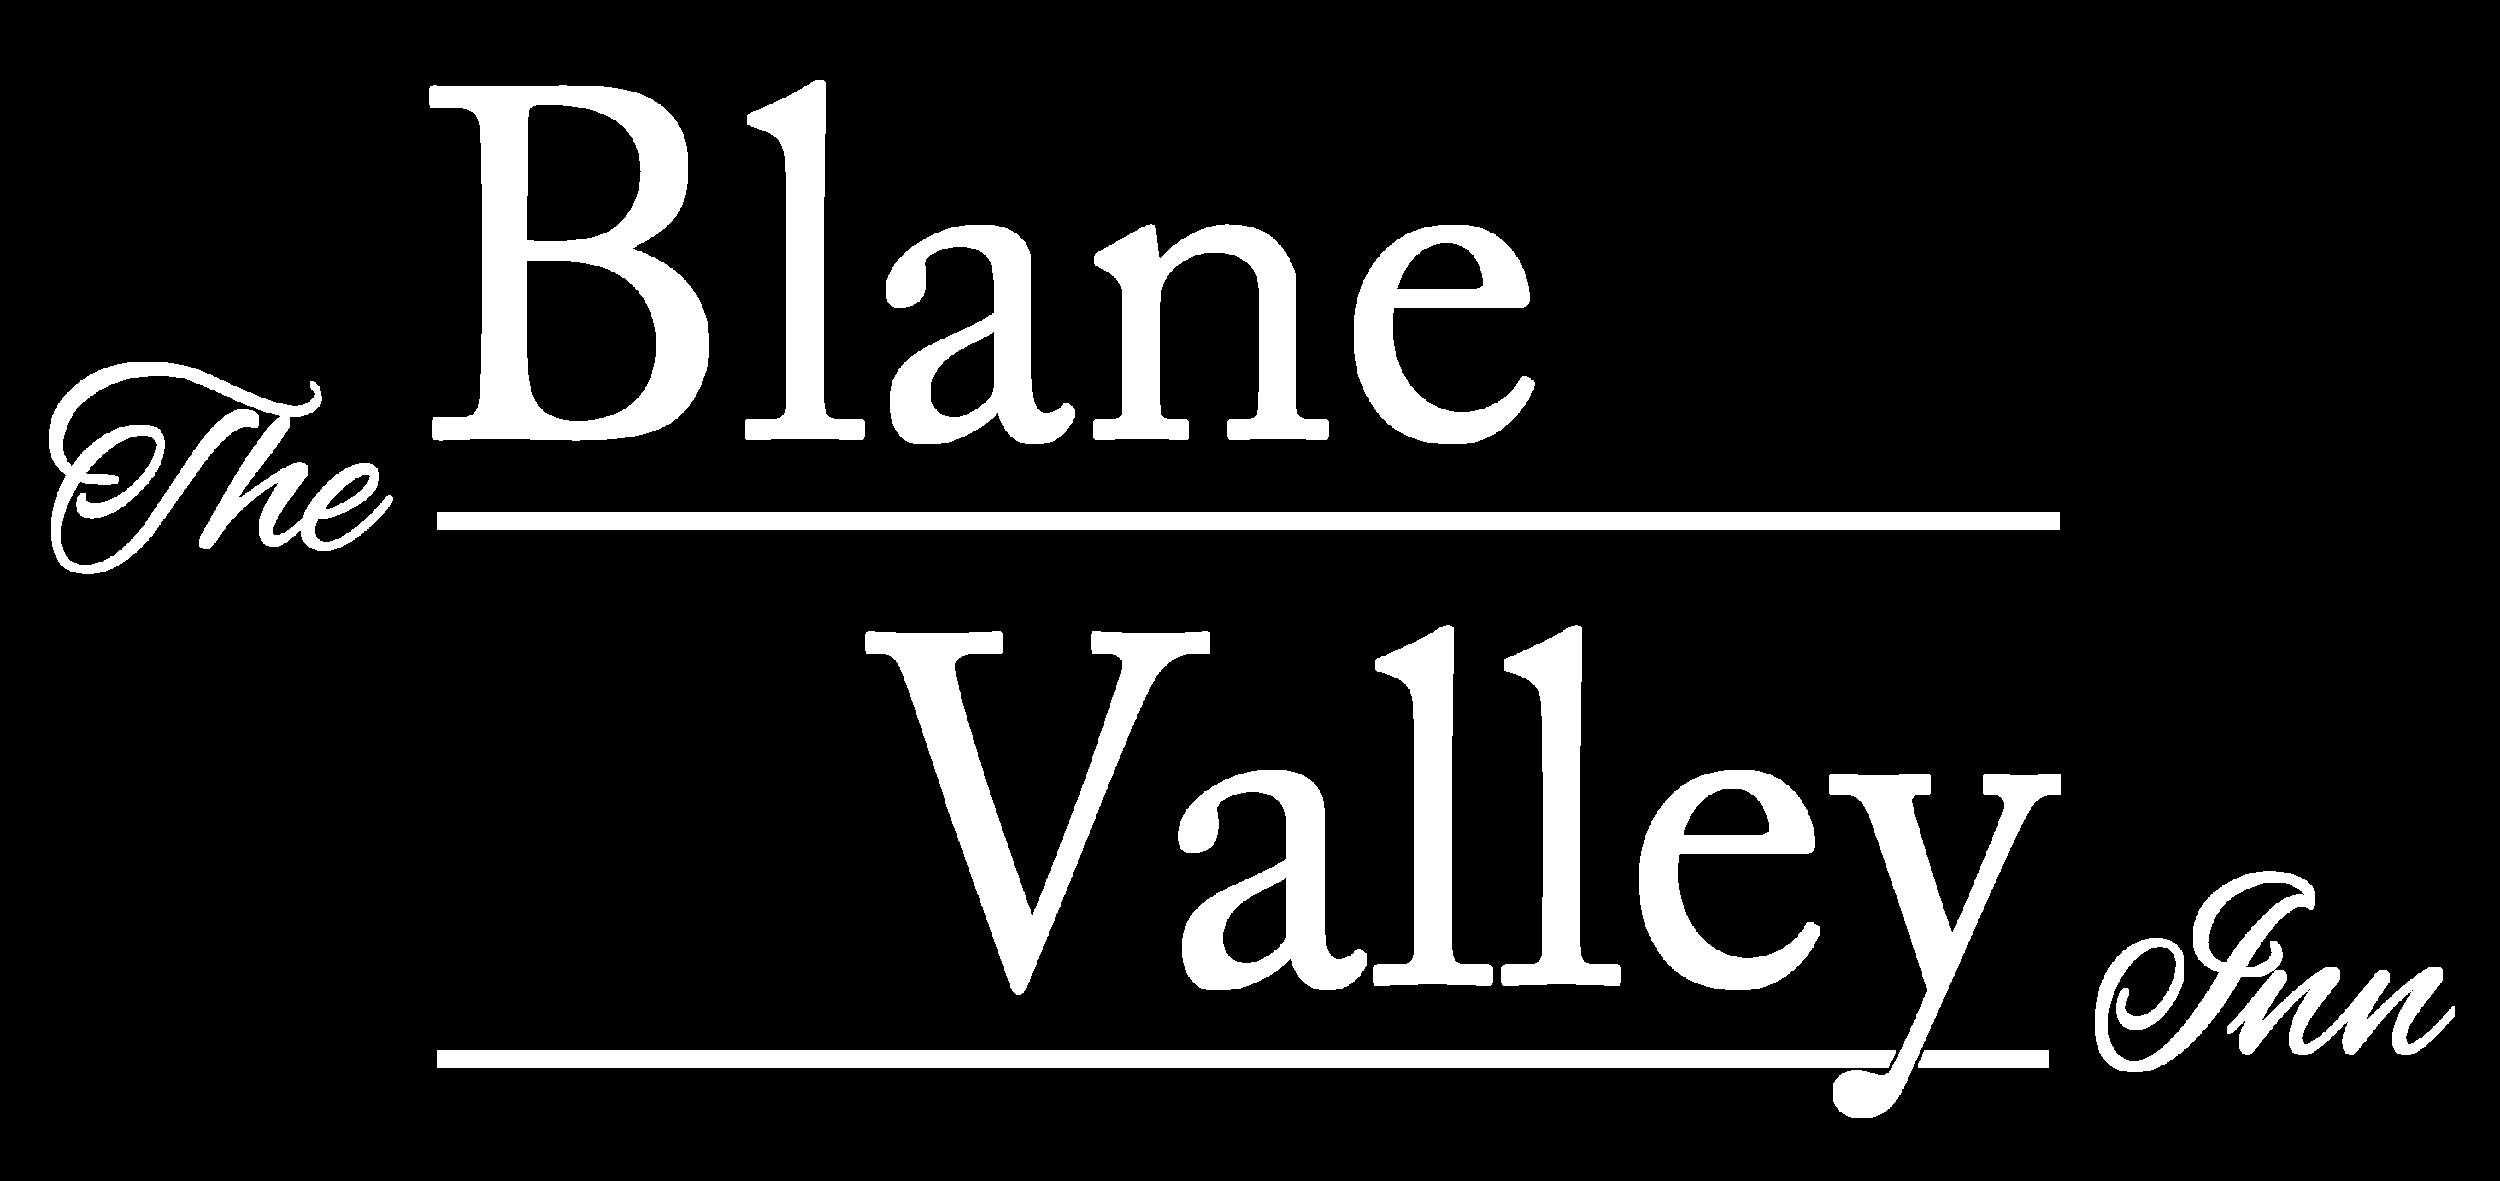 Blane_Valley_Inn_logo2white.png